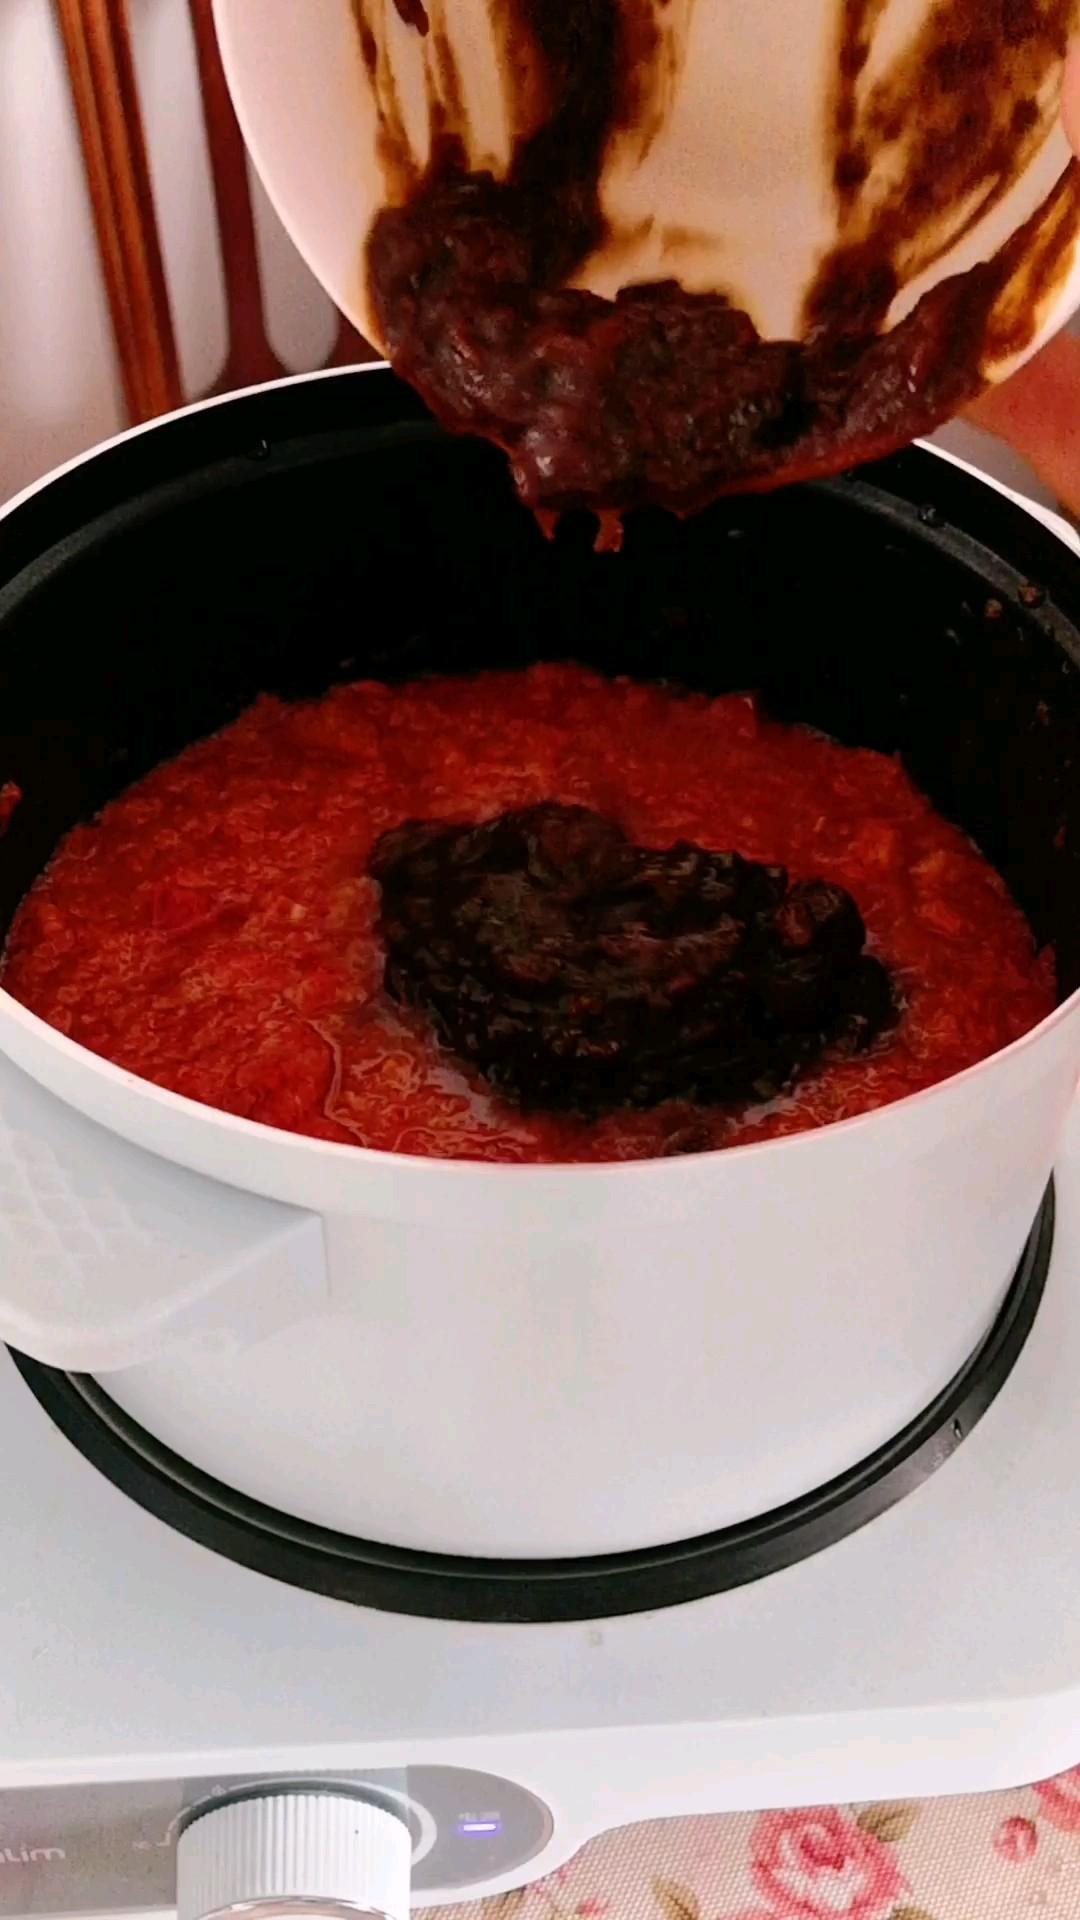 姑姑秘制的酱,拌面蘸食做菜样样行,存放半年不变质的家常做法